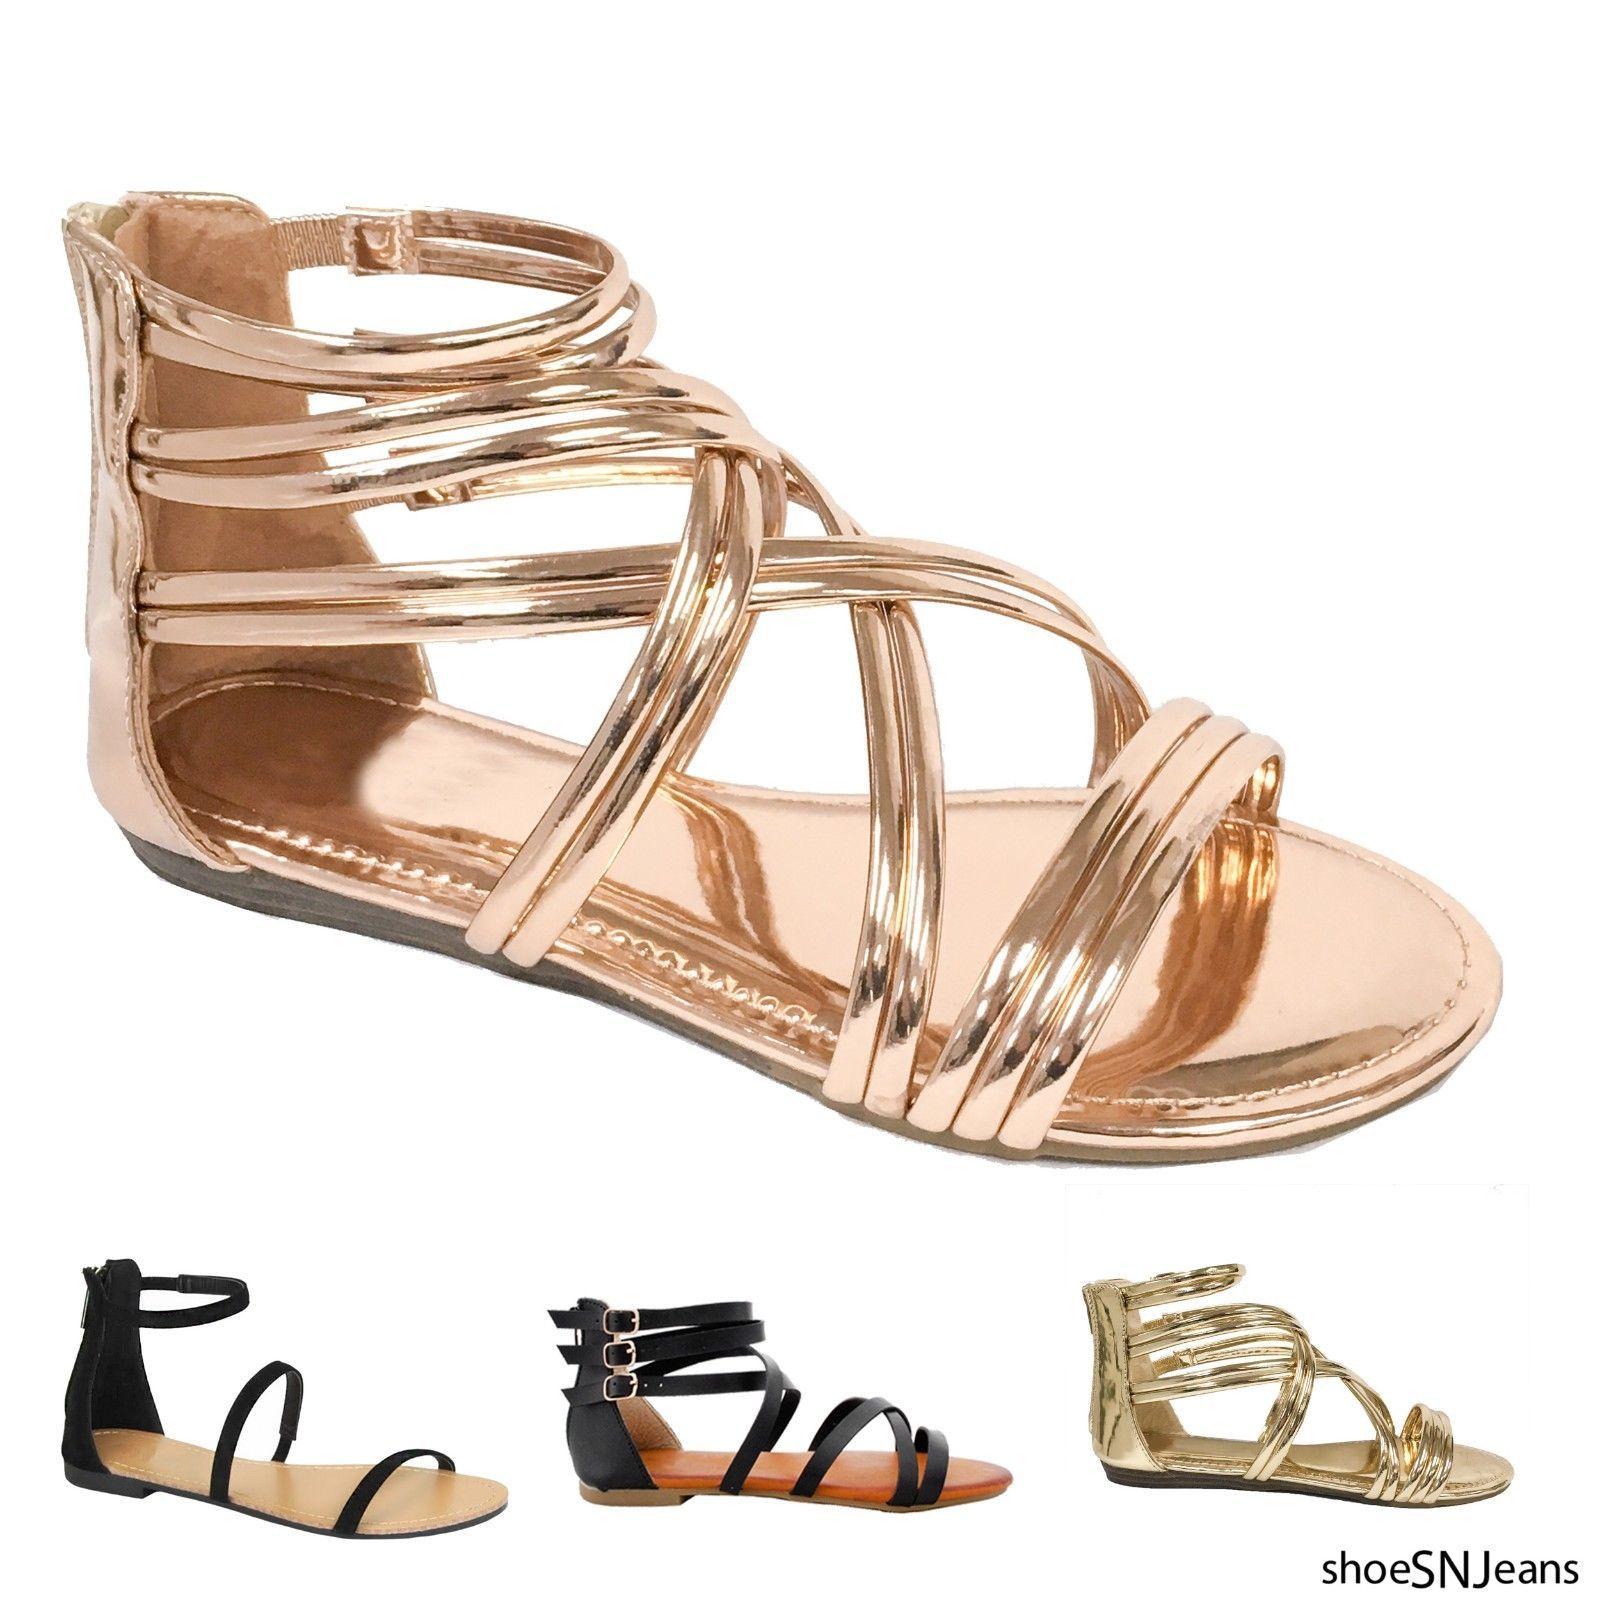 a4fc187d7 Women Casual FootWear Women Summer Sandals Women Fashion FootWear New Women  Summer Casual Gladiator Strappy Flip Flops Flat Sandals Open Toe Shoes